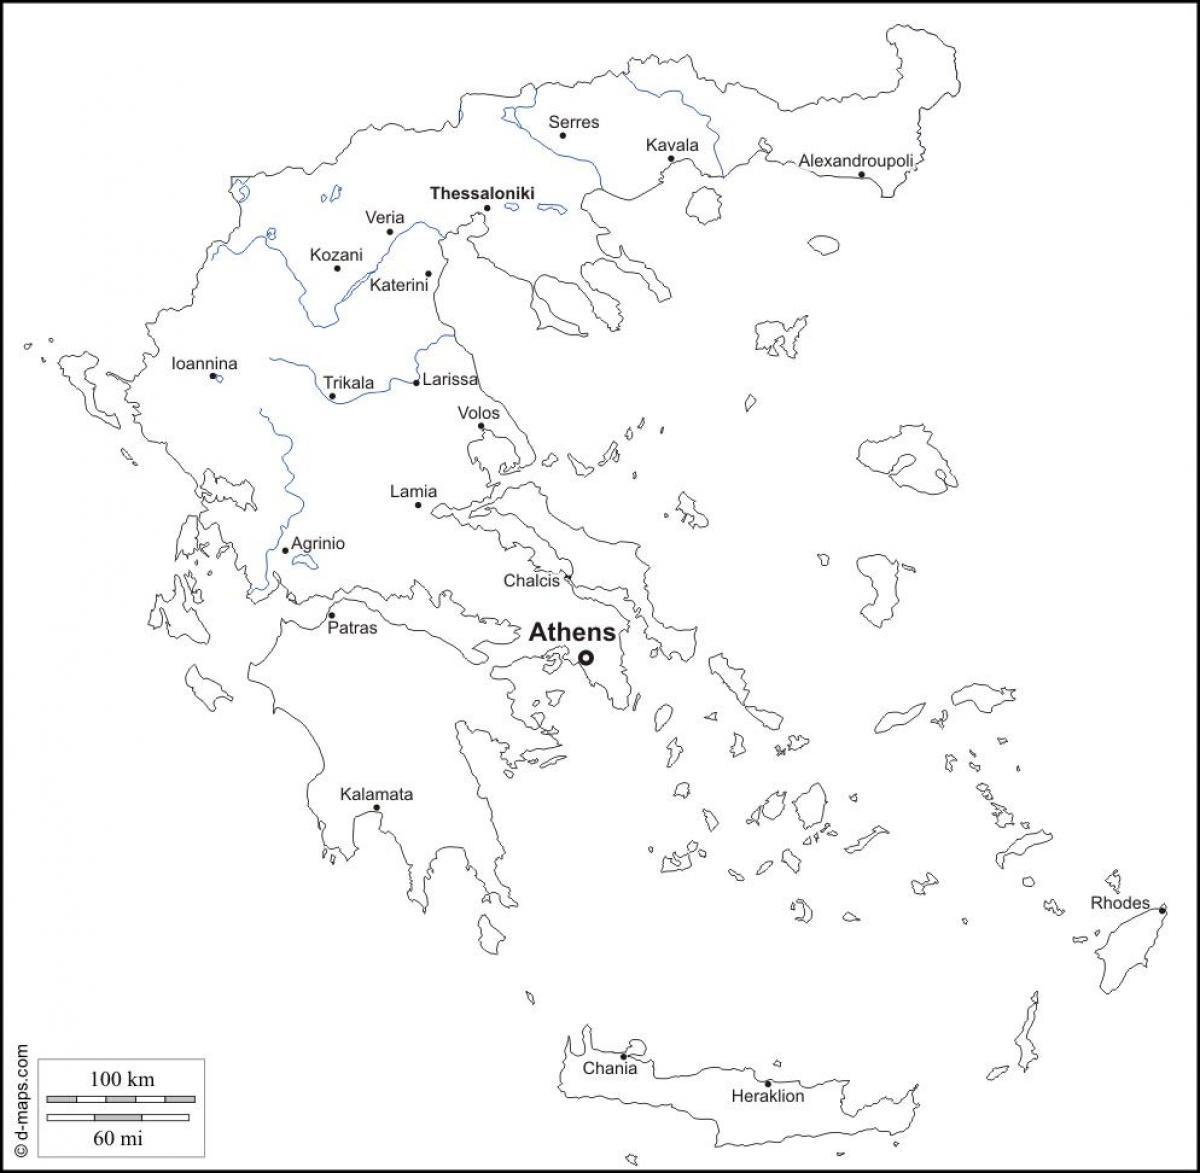 Karte Europa Schwarz Weiss.Griechenland Landkarte In Schwarz Und Weiss Karte Von